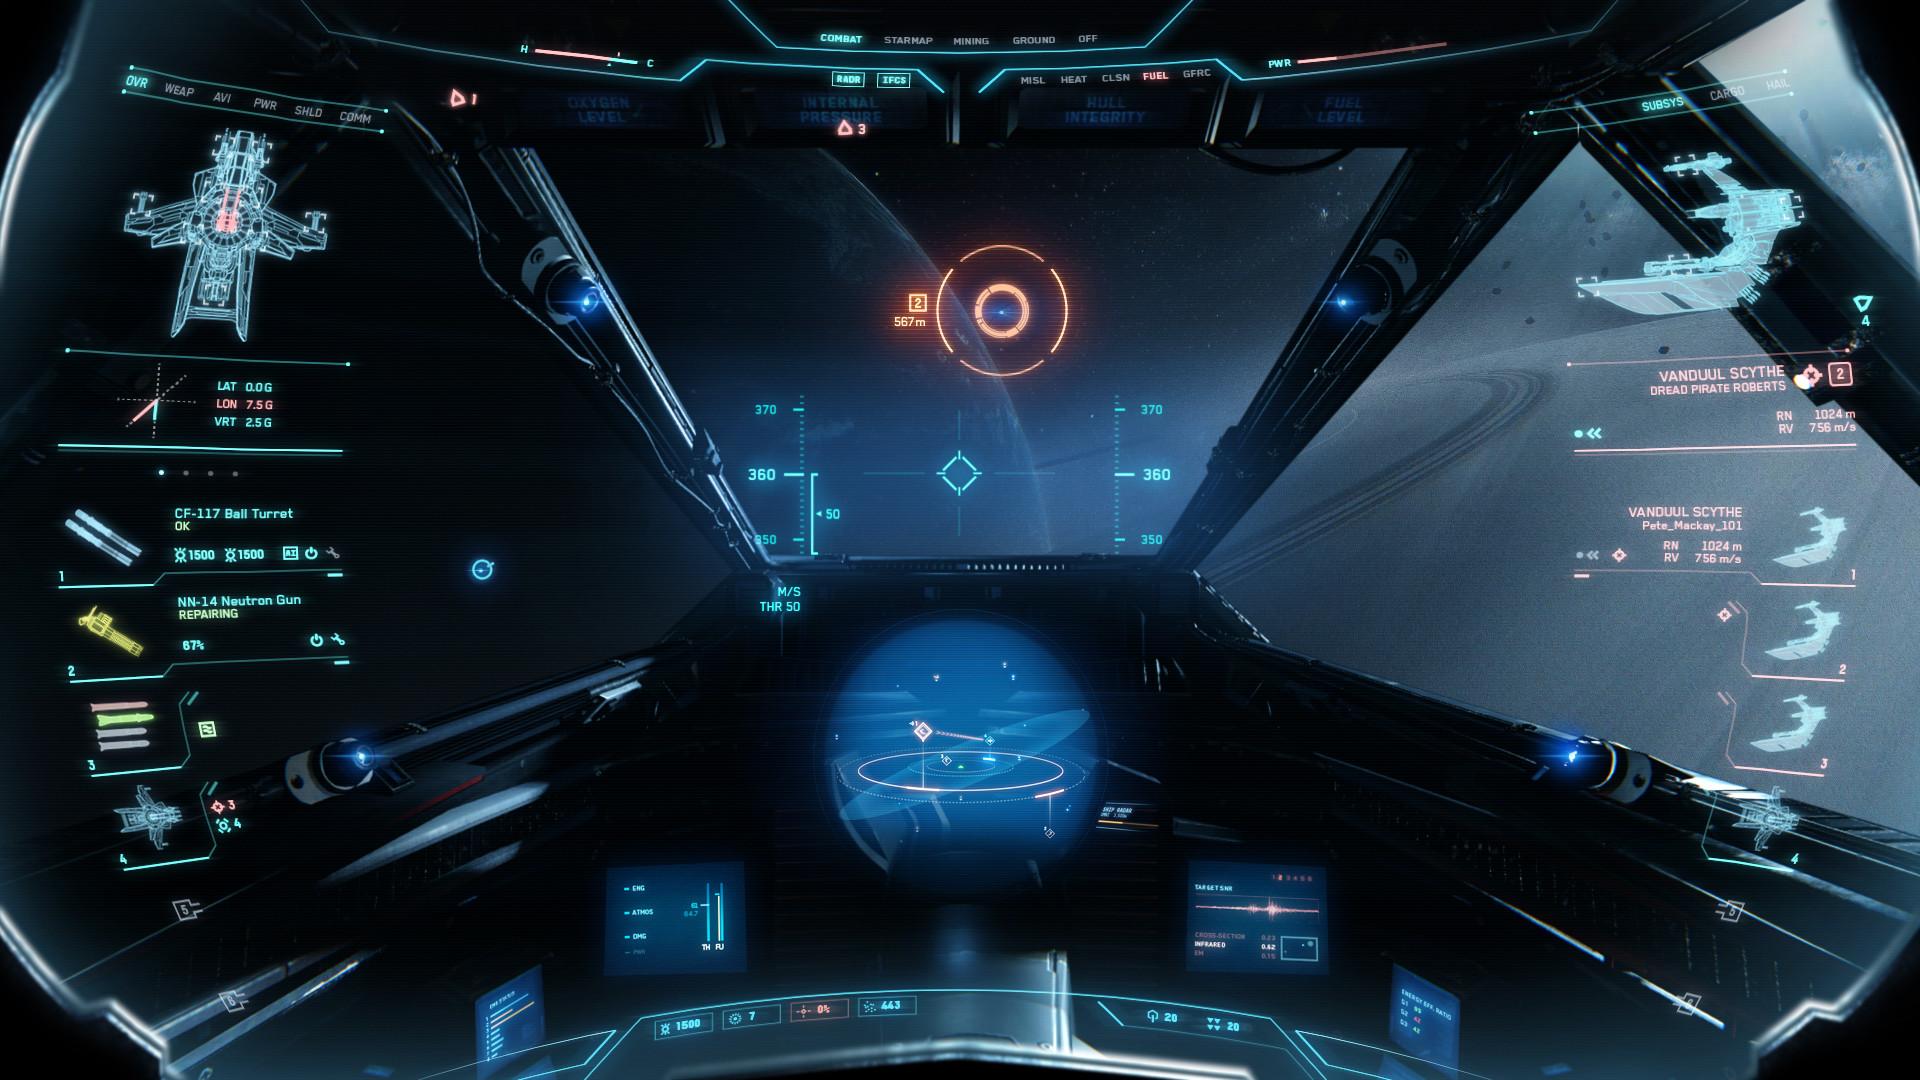 Spaceship interior